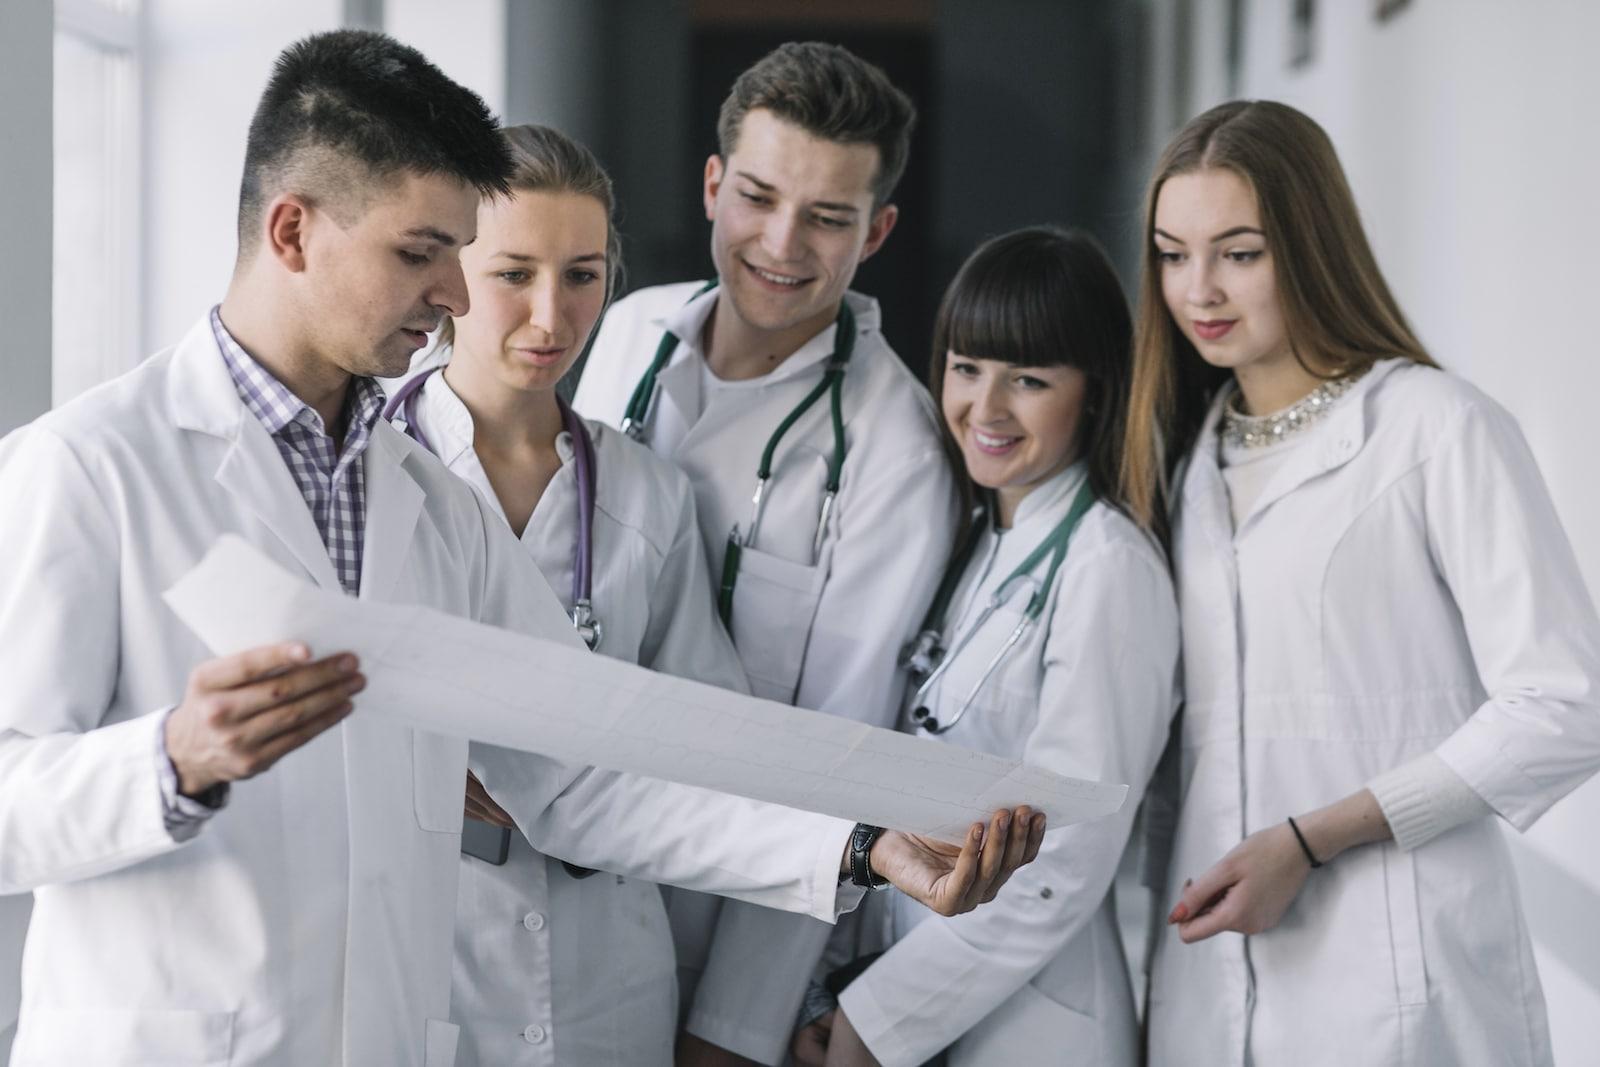 Læger og sygeplejesker planlægger